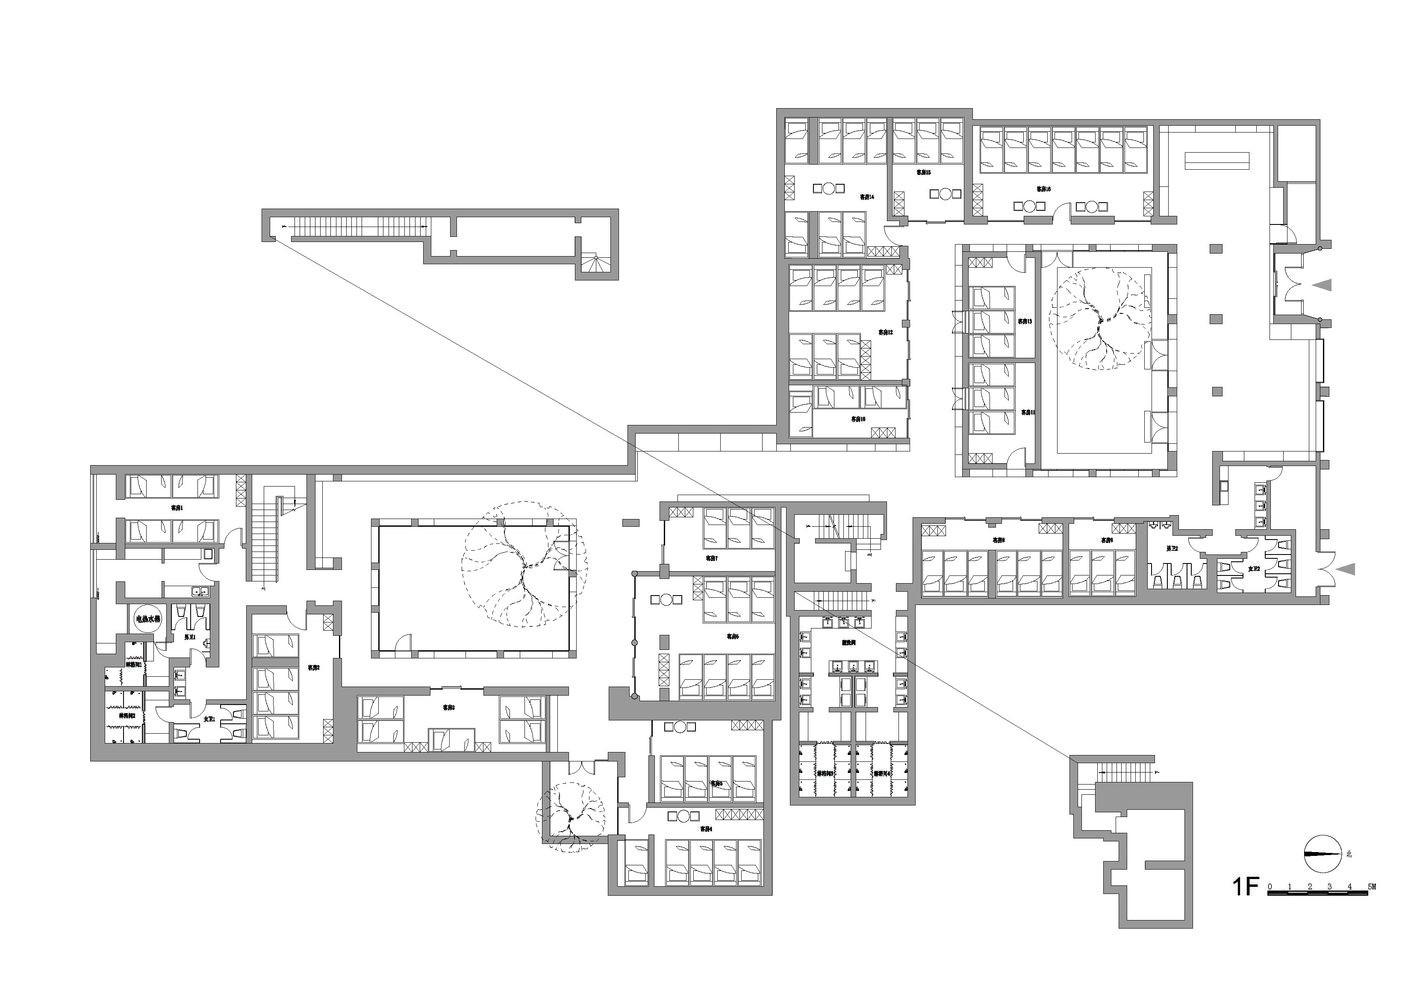 旅馆建筑设计平面图_北京协作胡同胶囊酒店 / B.L.U.E. 建筑设计事务所 | 建筑学院